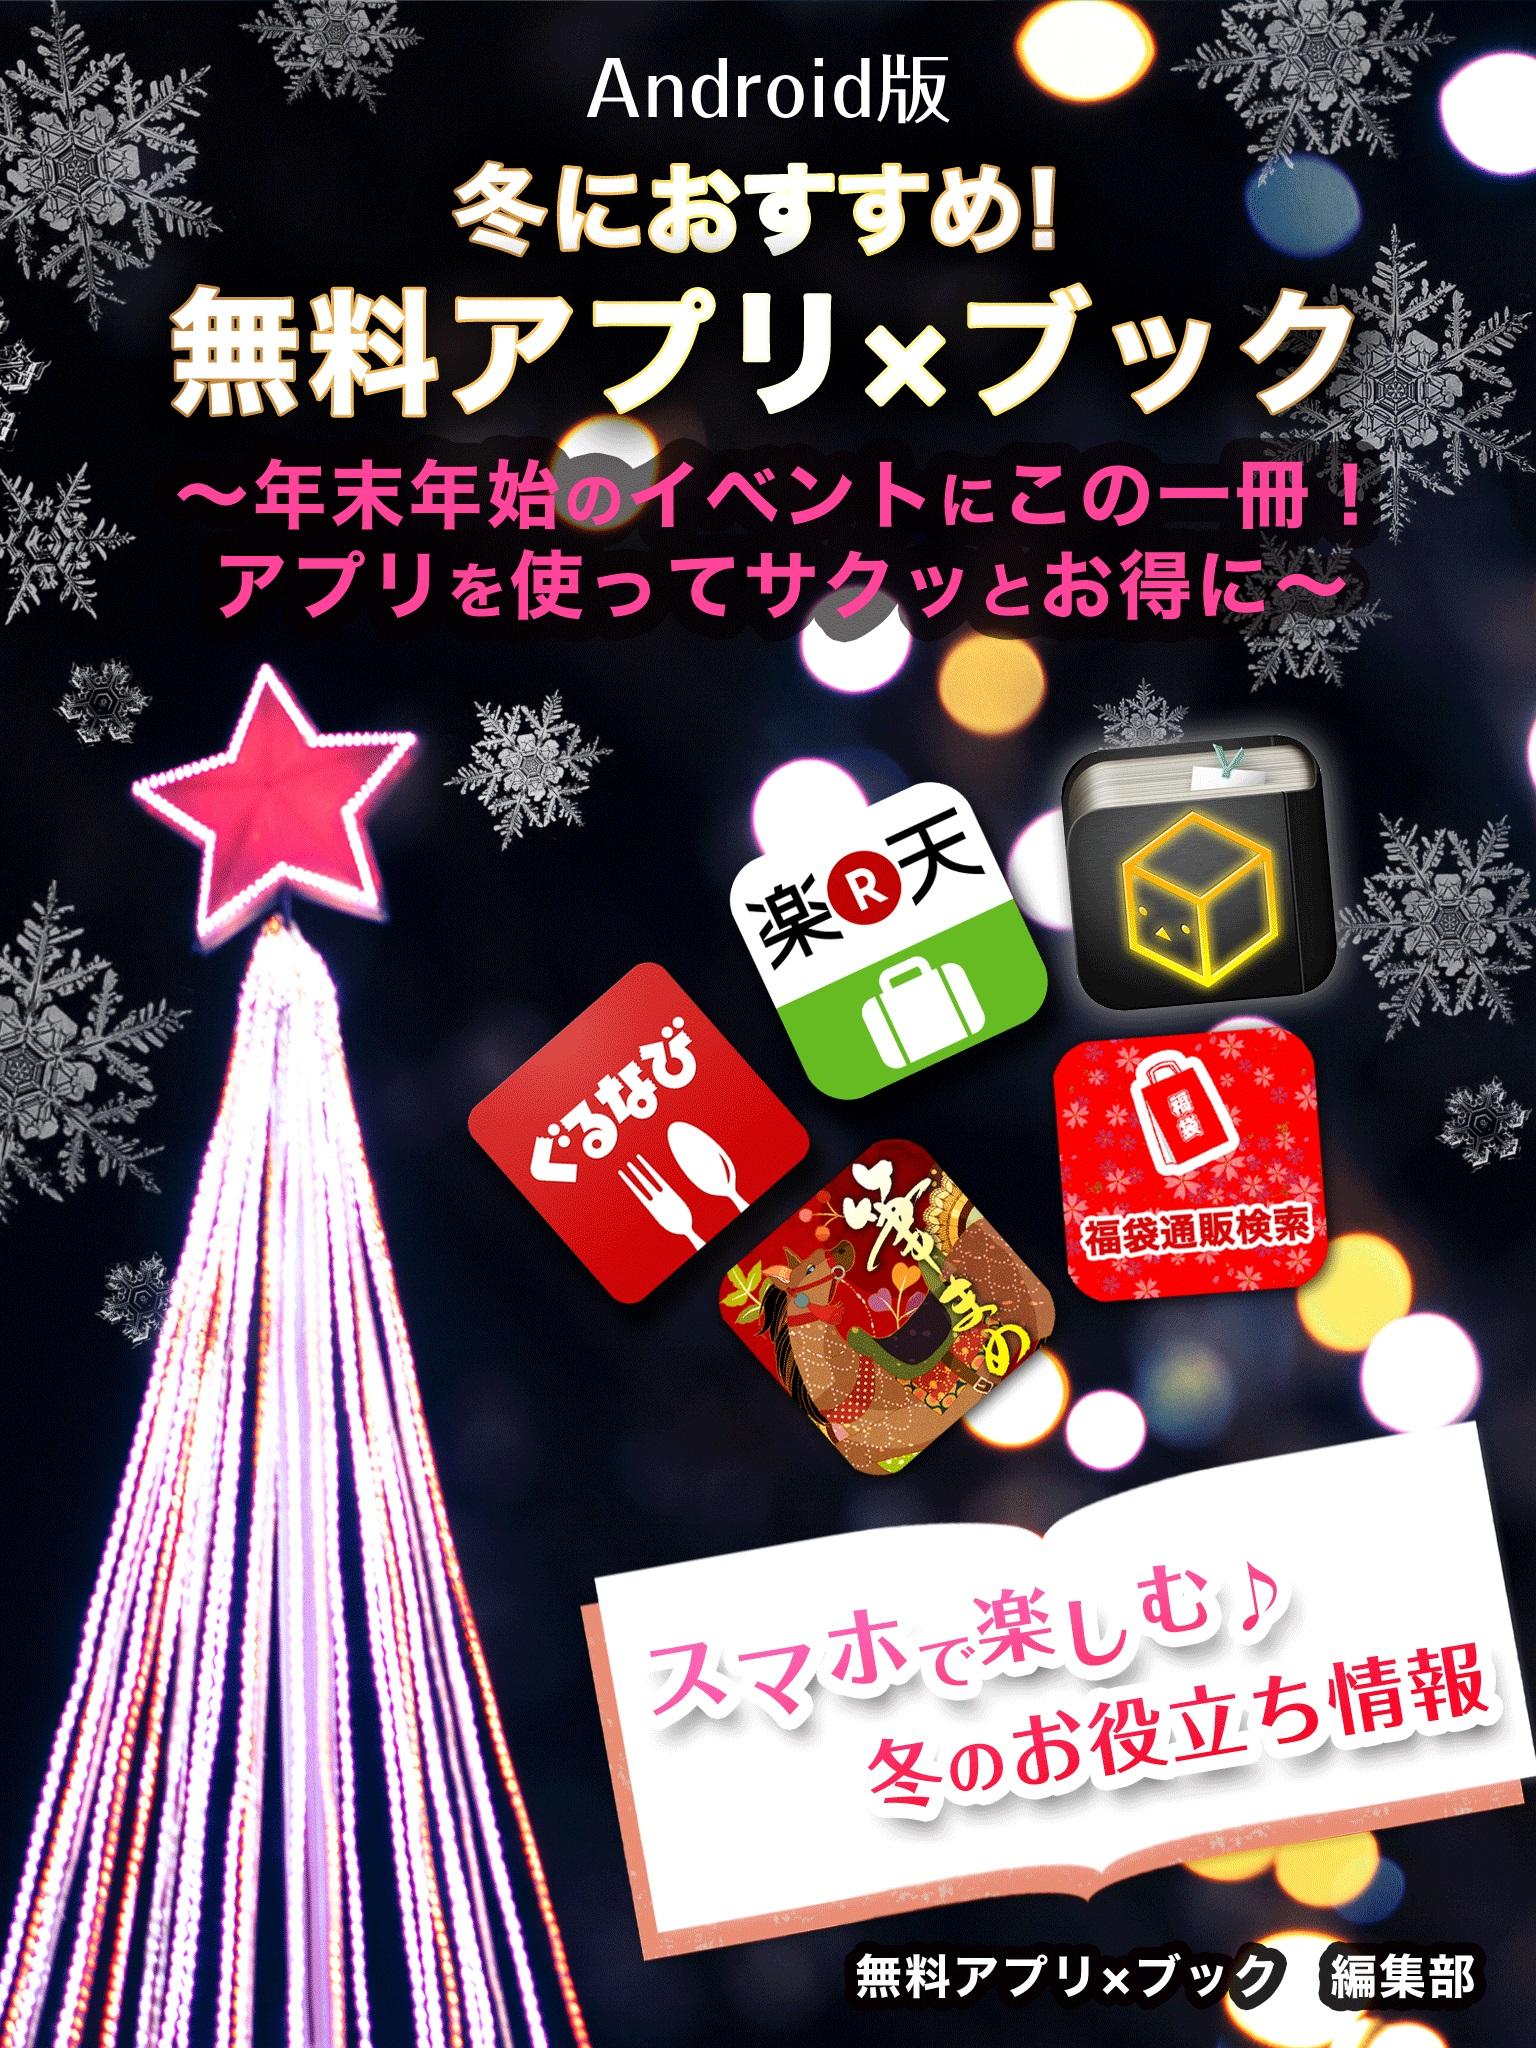 冬におすすめ!無料アプリ×ブック Android版 暮らしに、ビジネスに、遊びにも! スマホですぐできるお得技